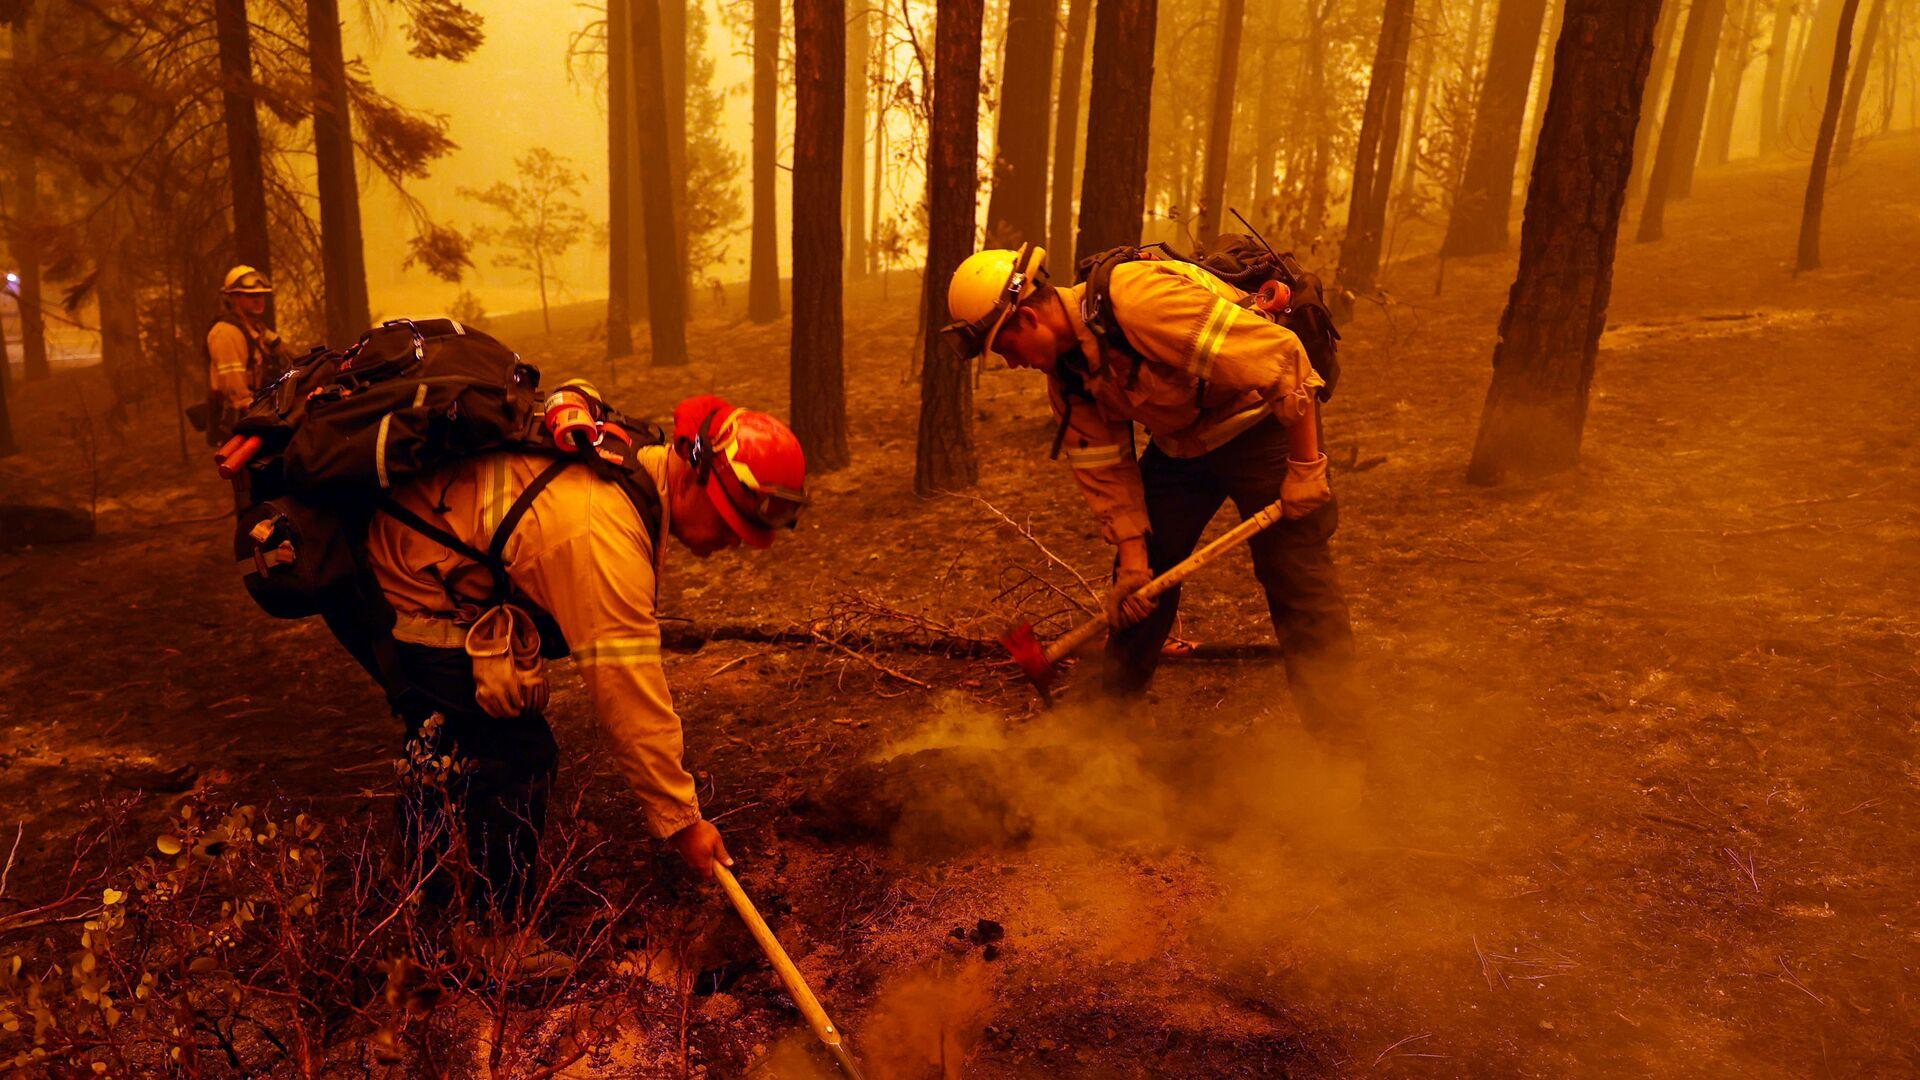 ABD'nin Kaliforniya eyaletinde son yılların en büyük orman yangınları devam ediyor, en az 8 kişinin yangın sebebiyle kayıp olduğu bildirildi. - Sputnik Türkiye, 1920, 07.08.2021